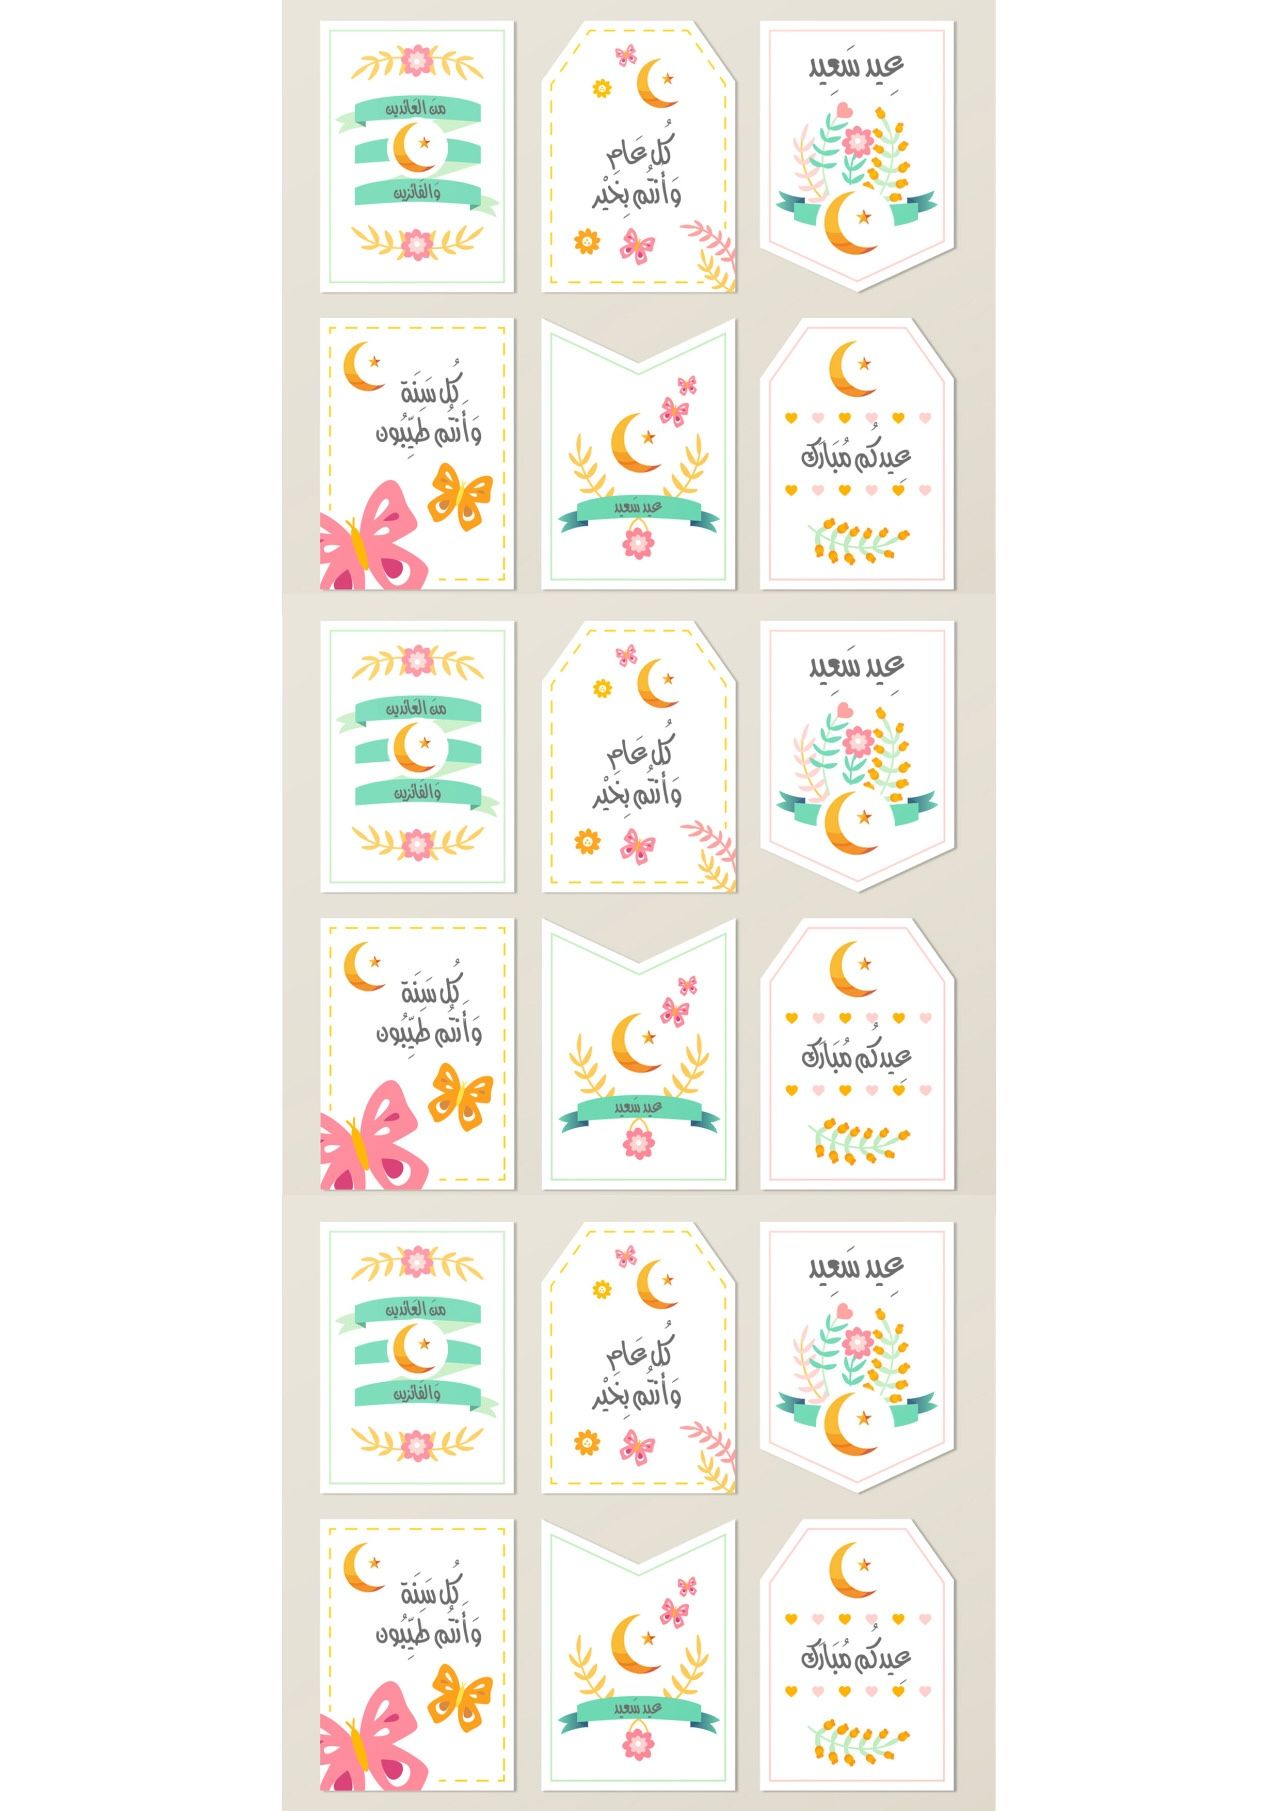 ثيمات جاهزة للتصميم Baby Frame Baby Yellow Baby Stickers